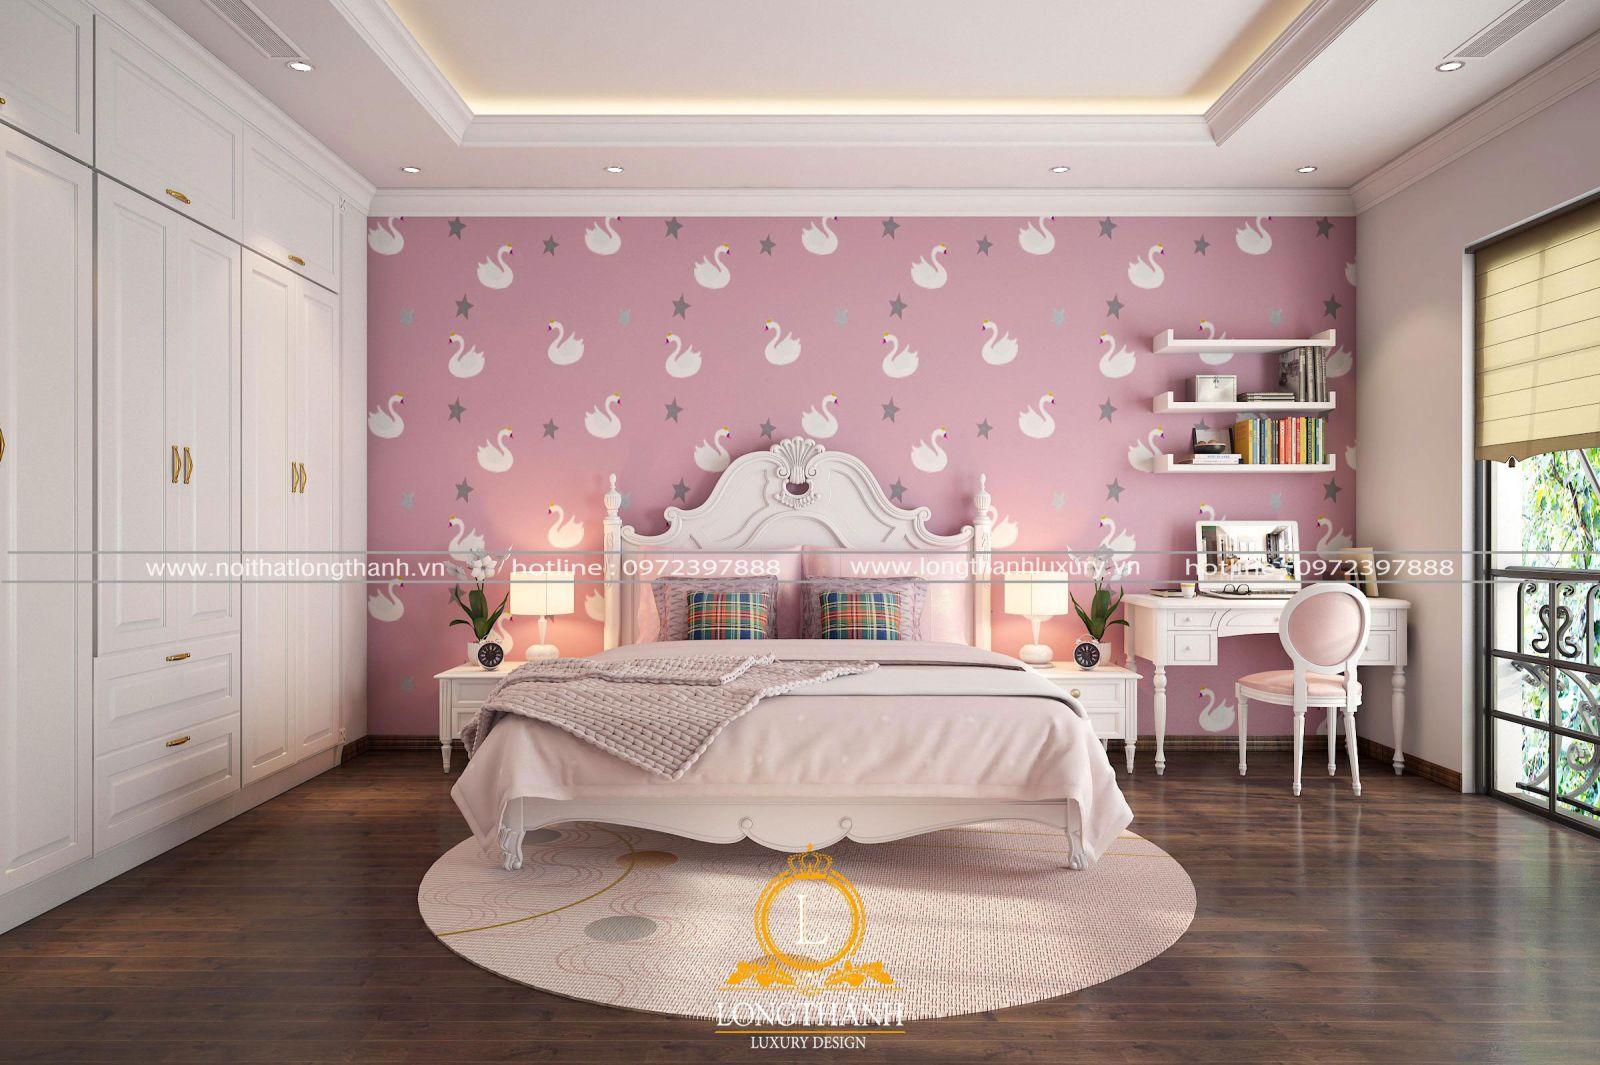 Độc đáo với phòng ngủ hiện đại mang phong cách cổ tích